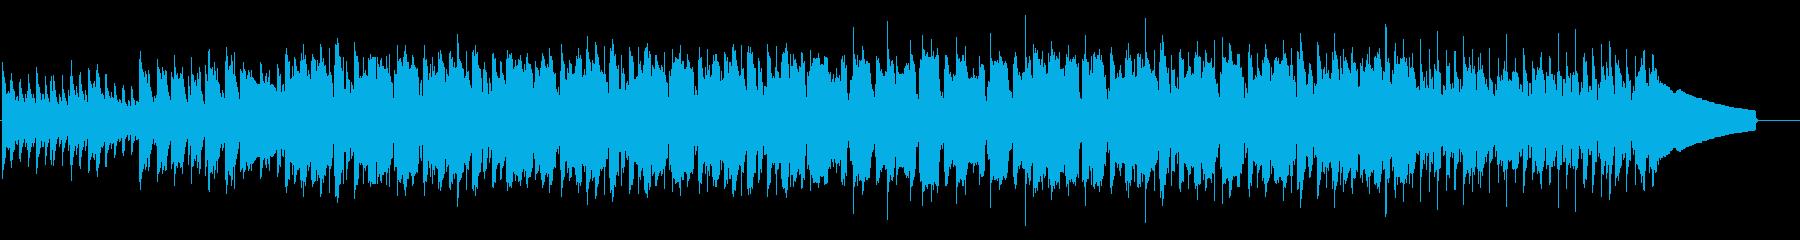 【ドラム抜】お散歩のようなわくわくポップの再生済みの波形